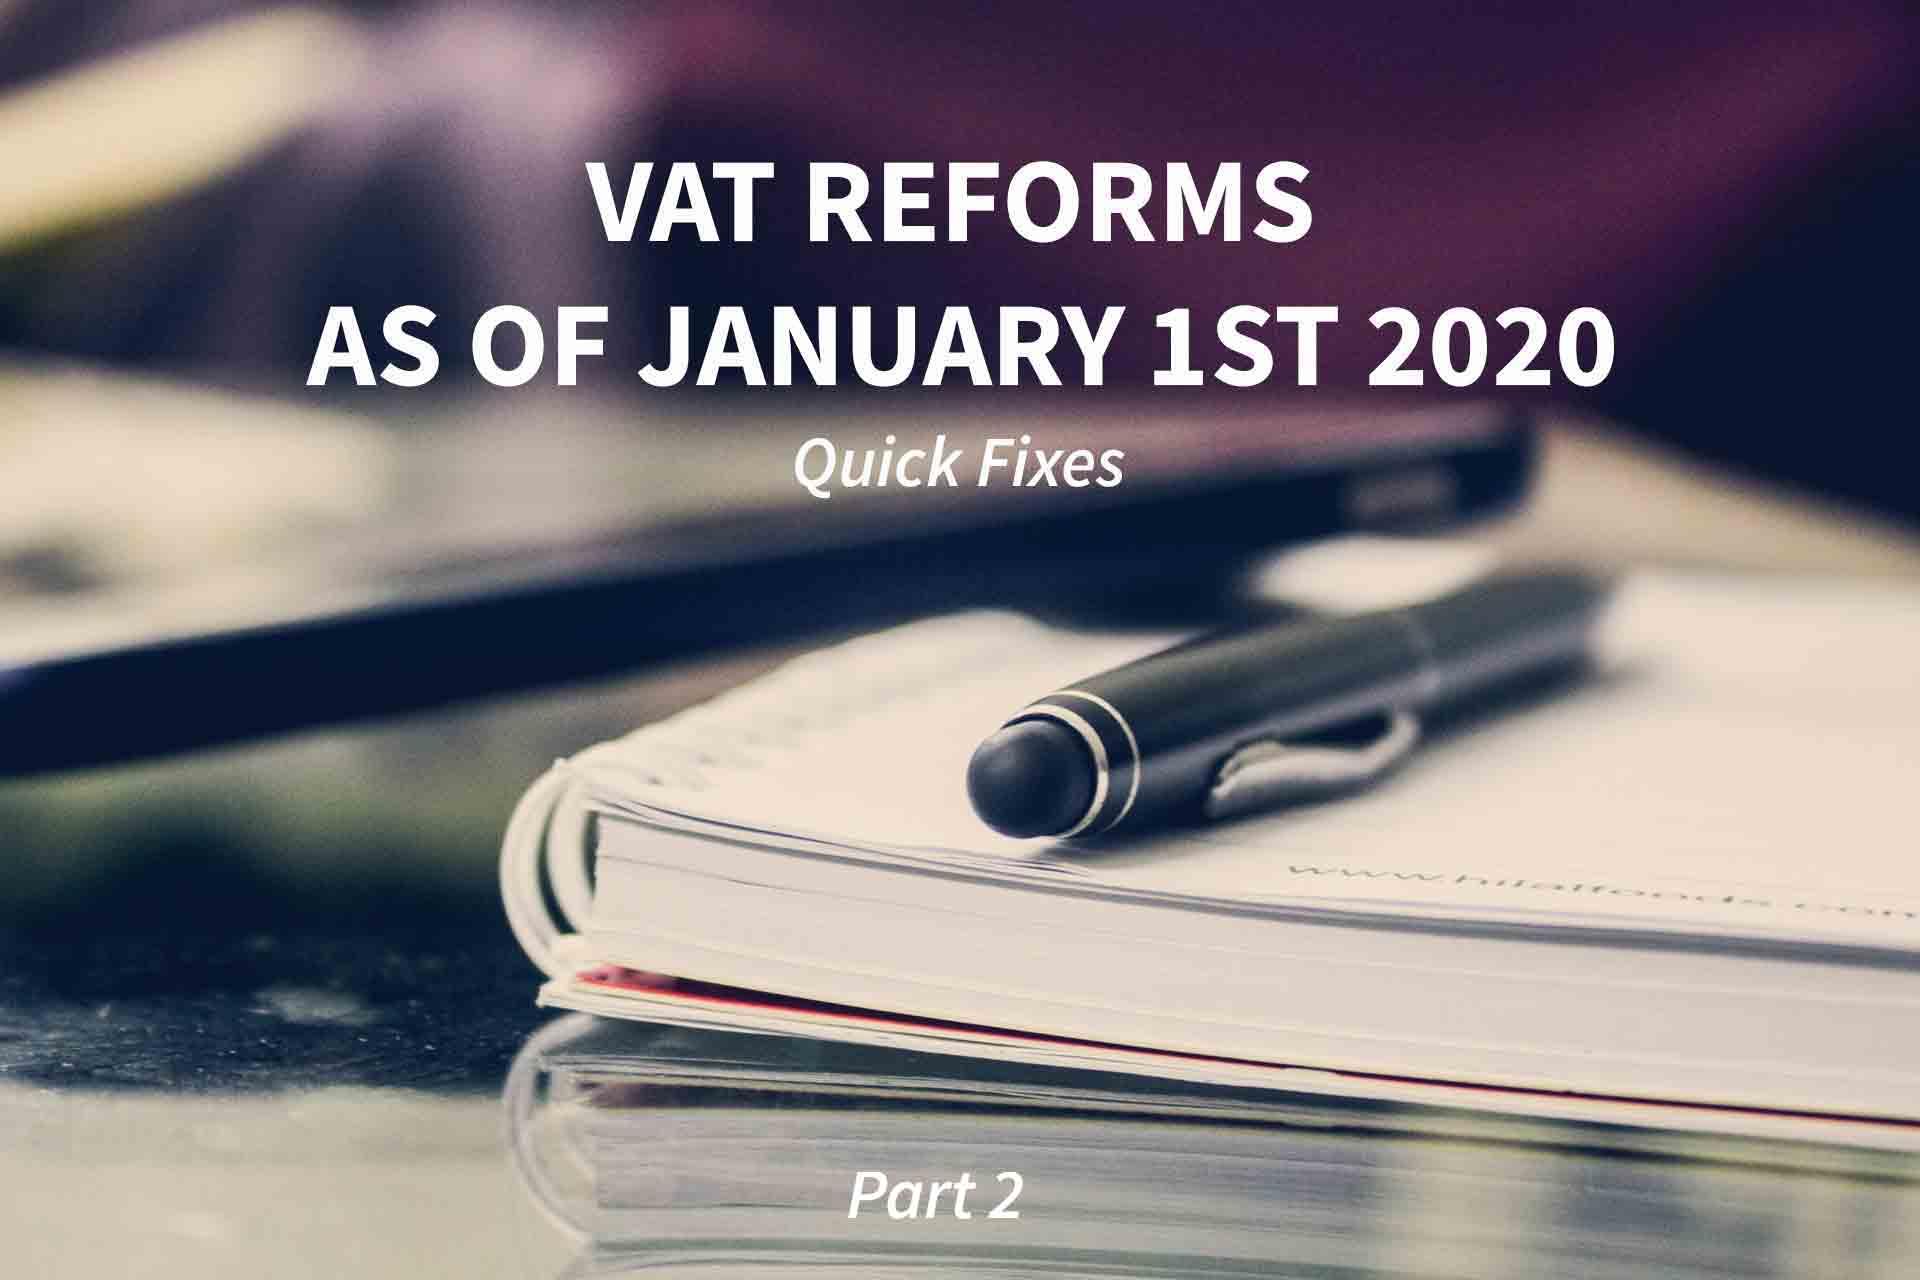 VAT Reforms - Quick Fixes - January 1st 2020 - Part 2